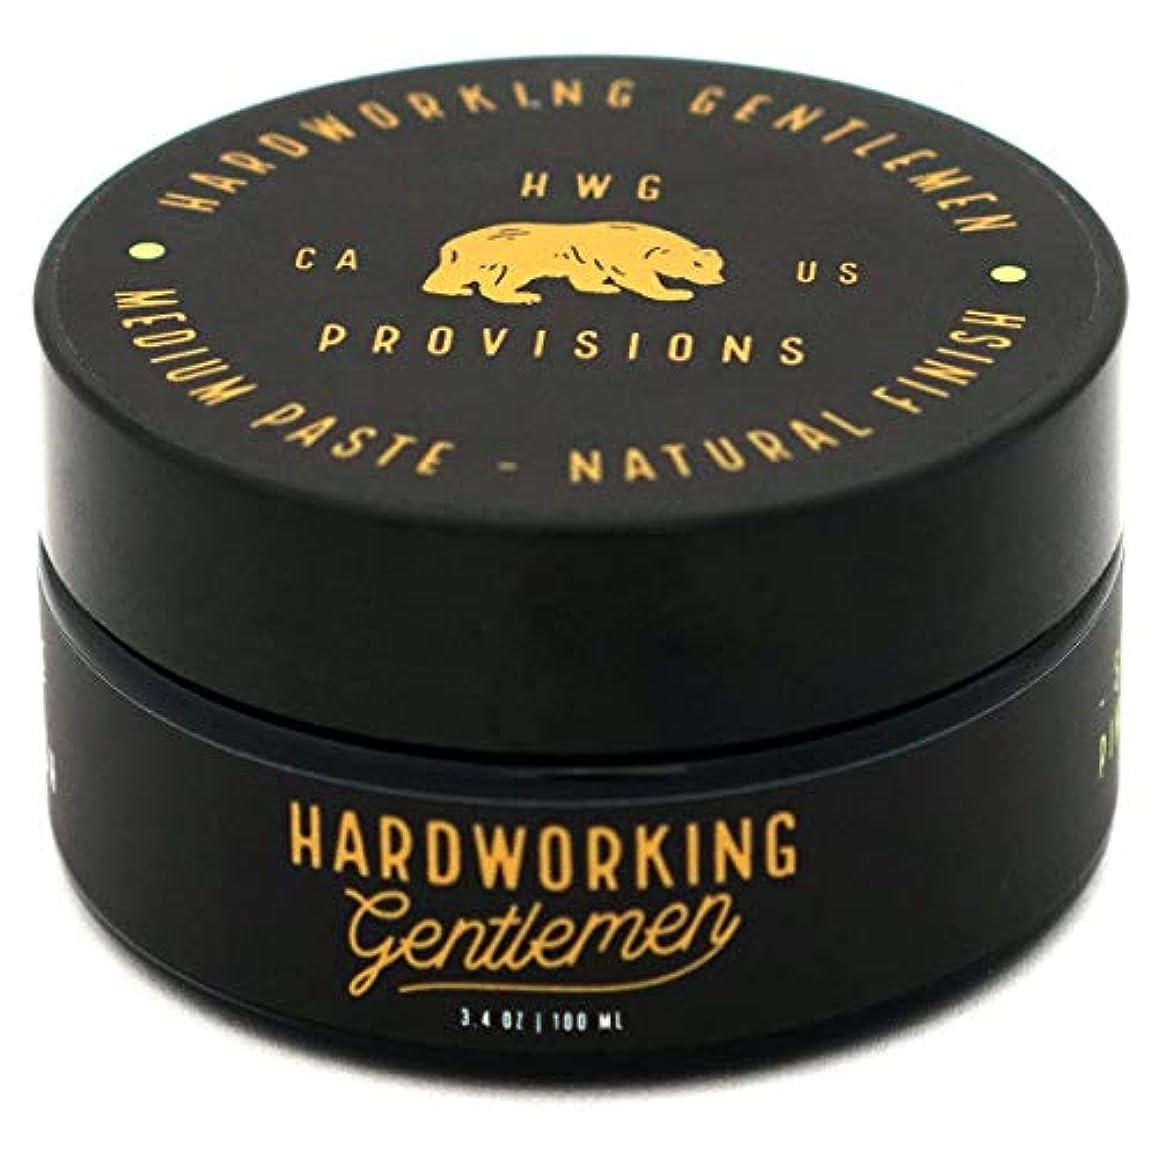 封建ペストマラドロイトHardworking Gentlemen (ハードワーキング ジェントルメン) Medium Paste ヘアワックス 100ml 天然成分 オーガニック